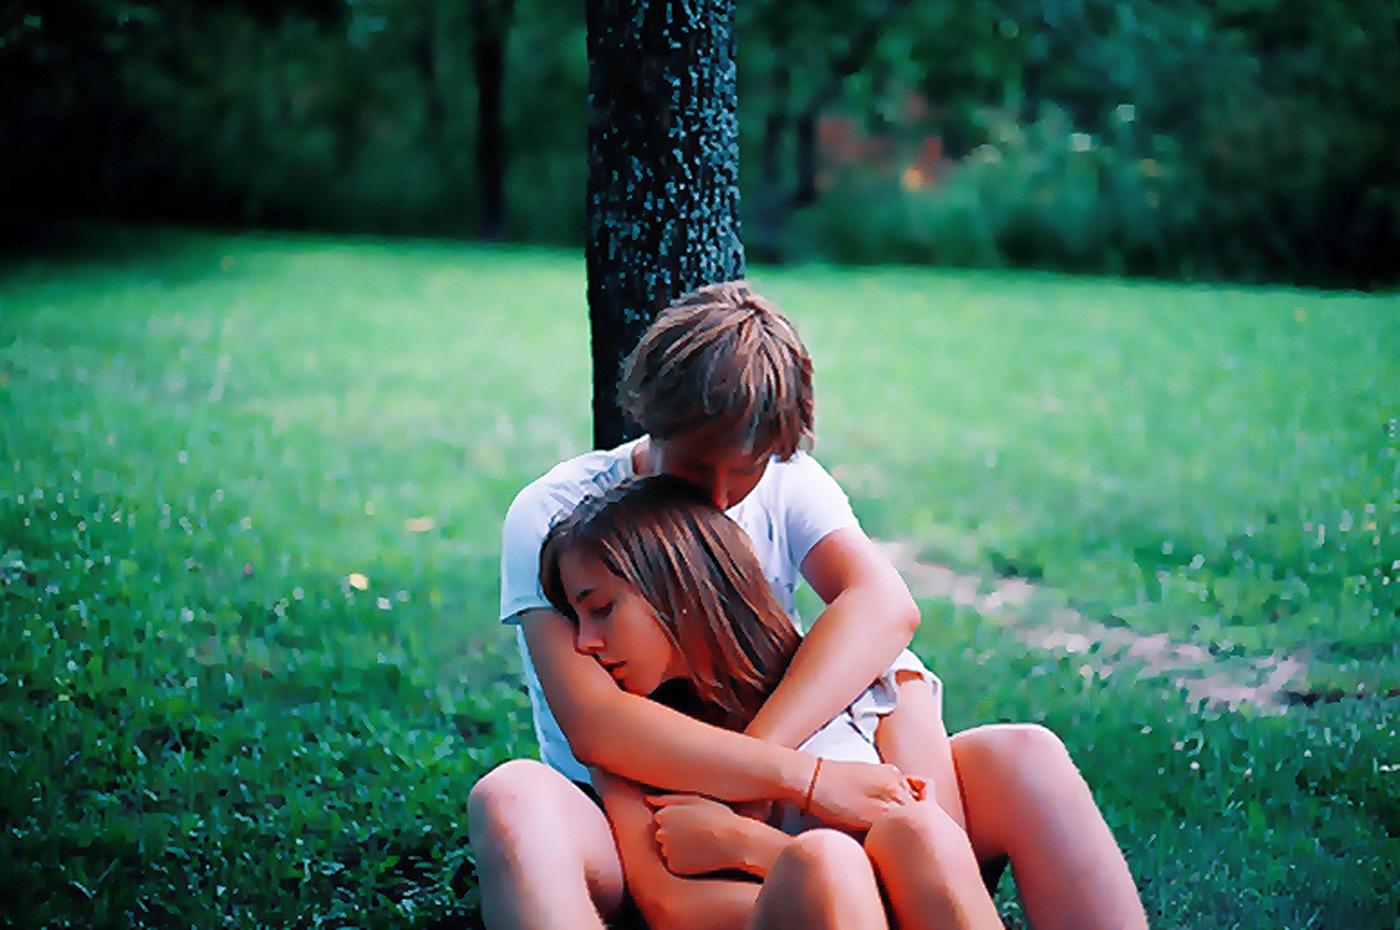 Фото мальчика и девушка, Boy And Girl Love Фото со стоков и изображения 3 фотография